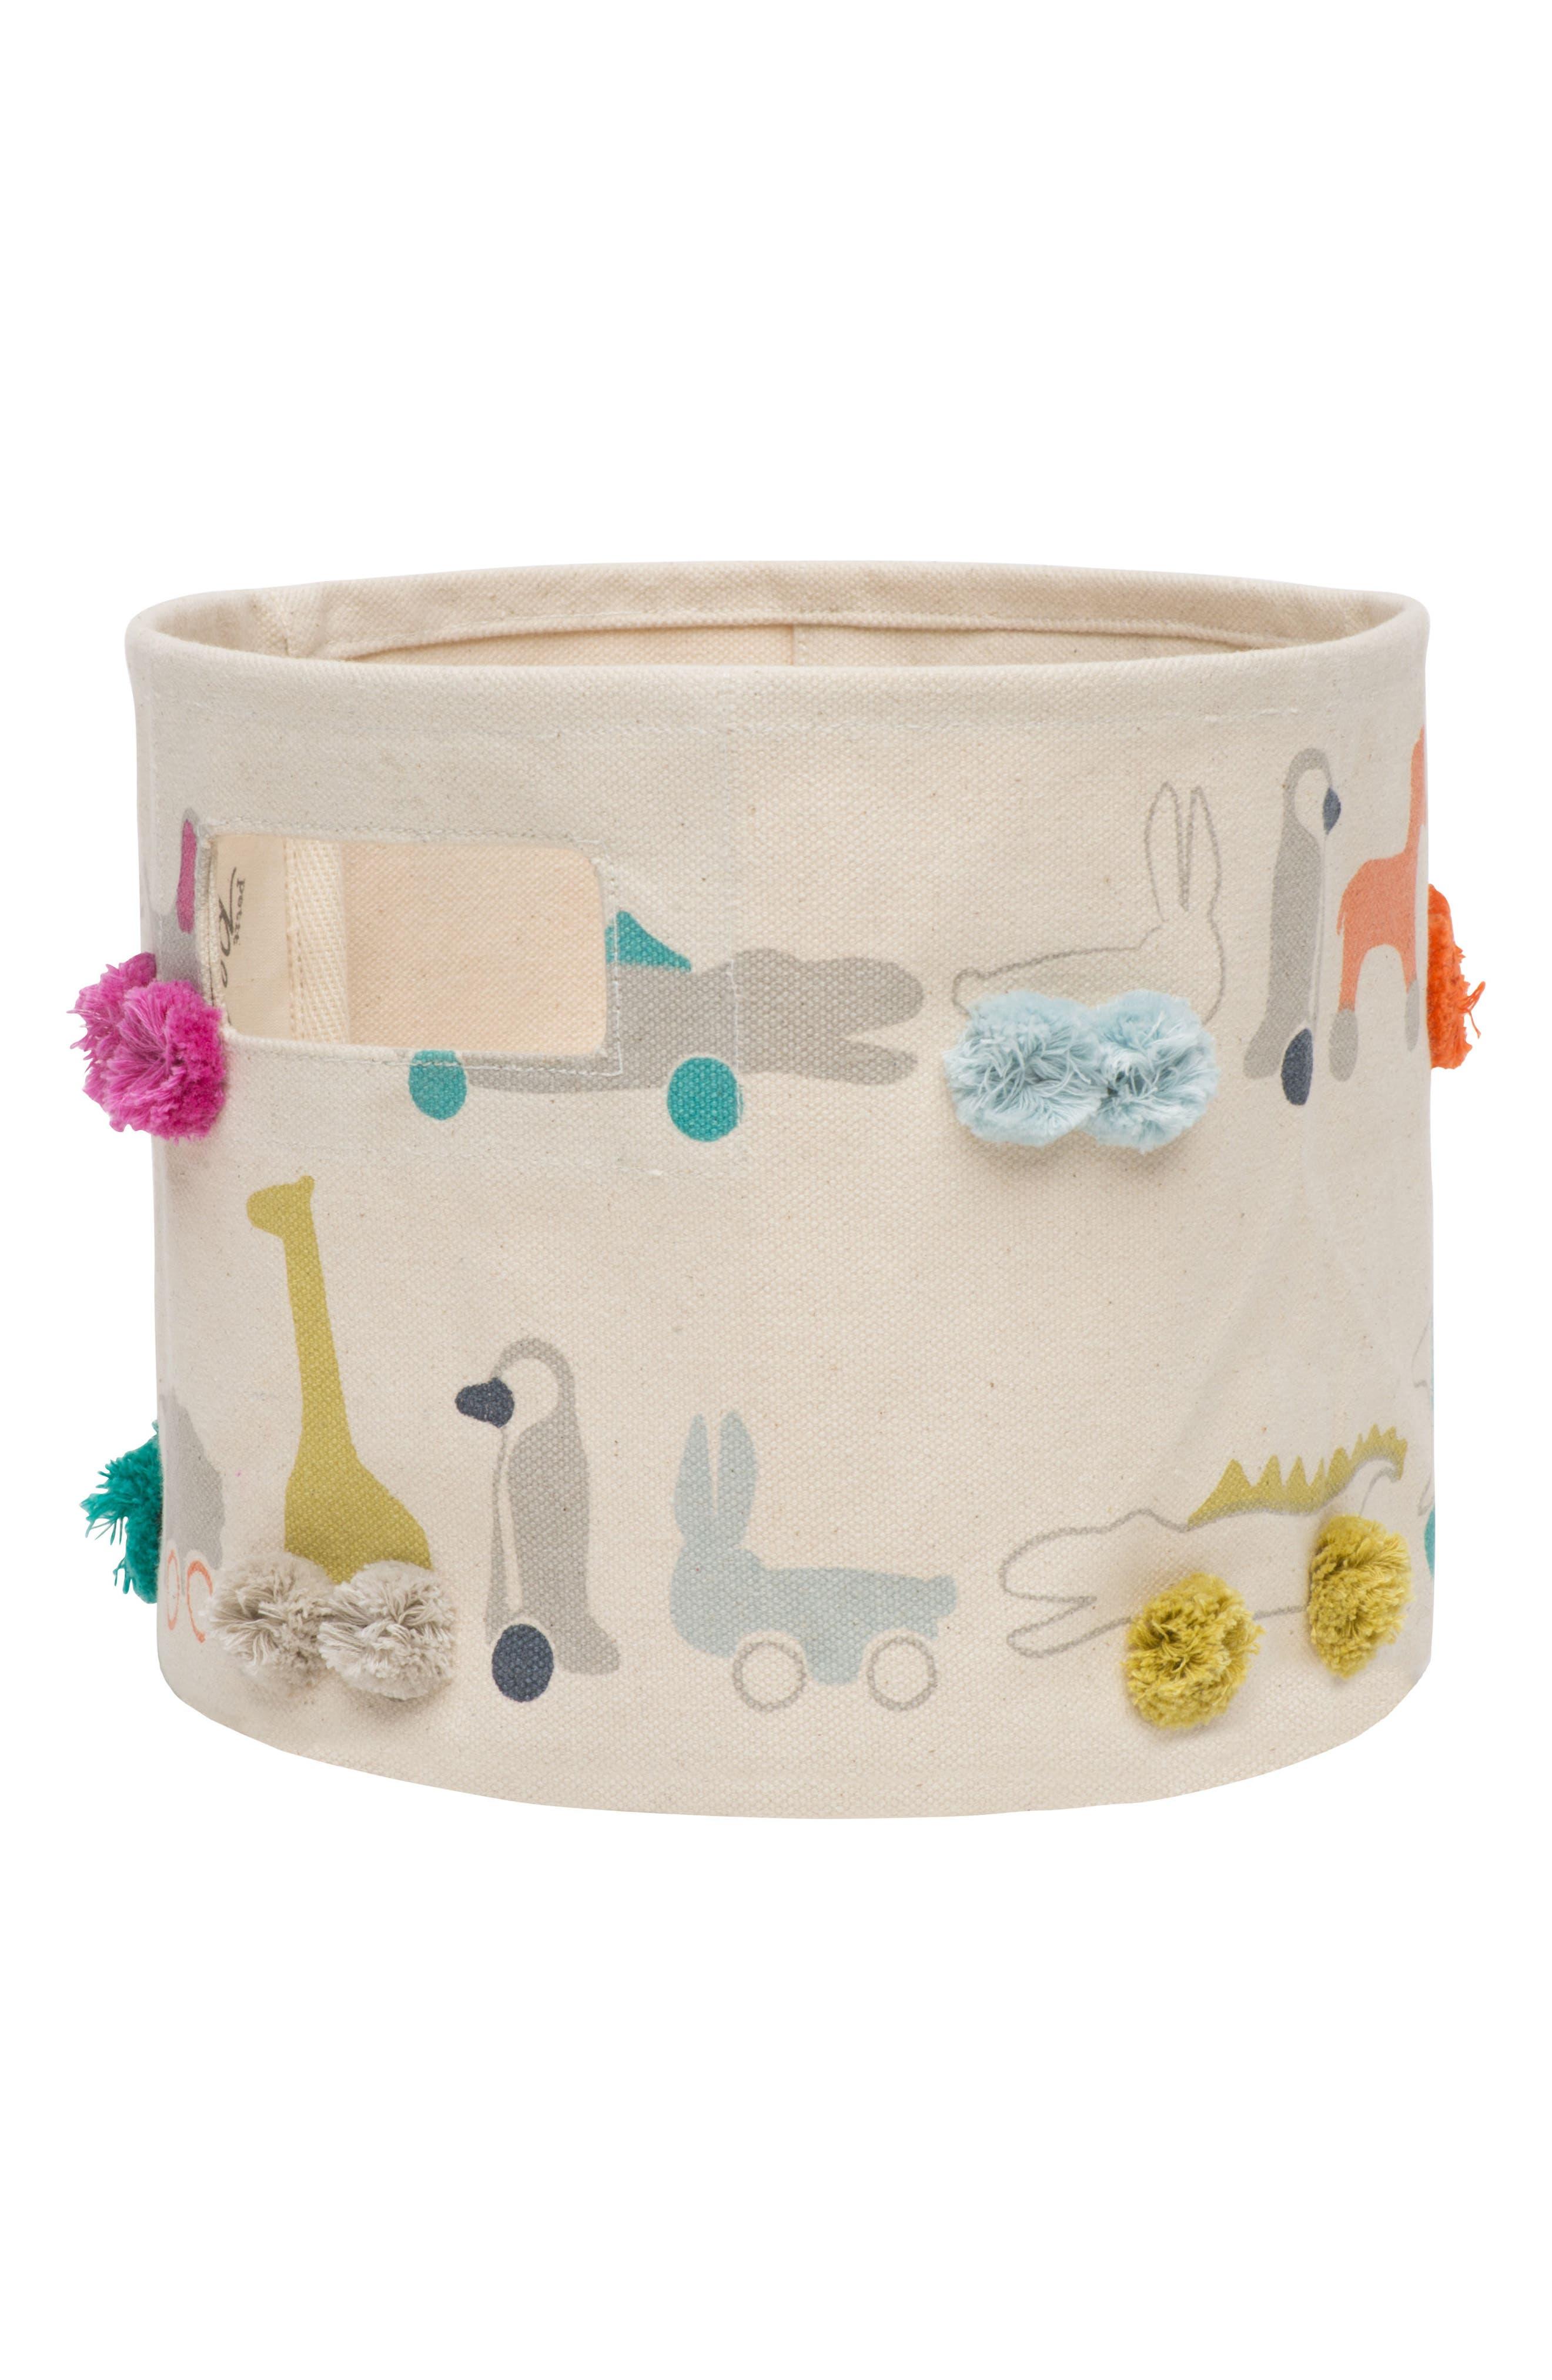 Mini Pull Toys Basket,                             Main thumbnail 1, color,                             Multi